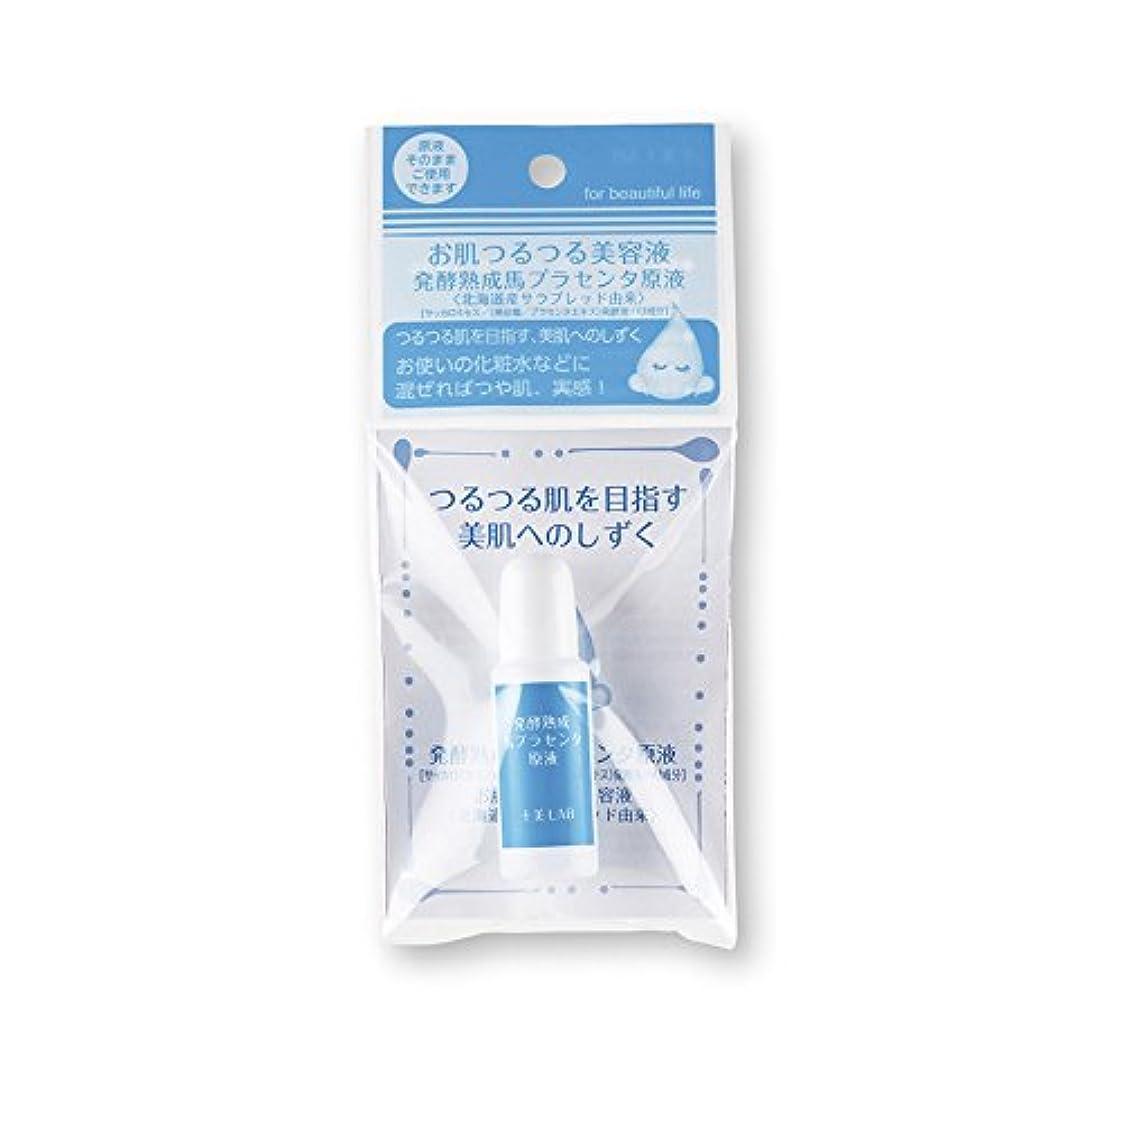 十美LAB 美肌へのしずく お肌つるつる美容液 〈発酵熟成馬プラセンタ原液〉 (14mL)